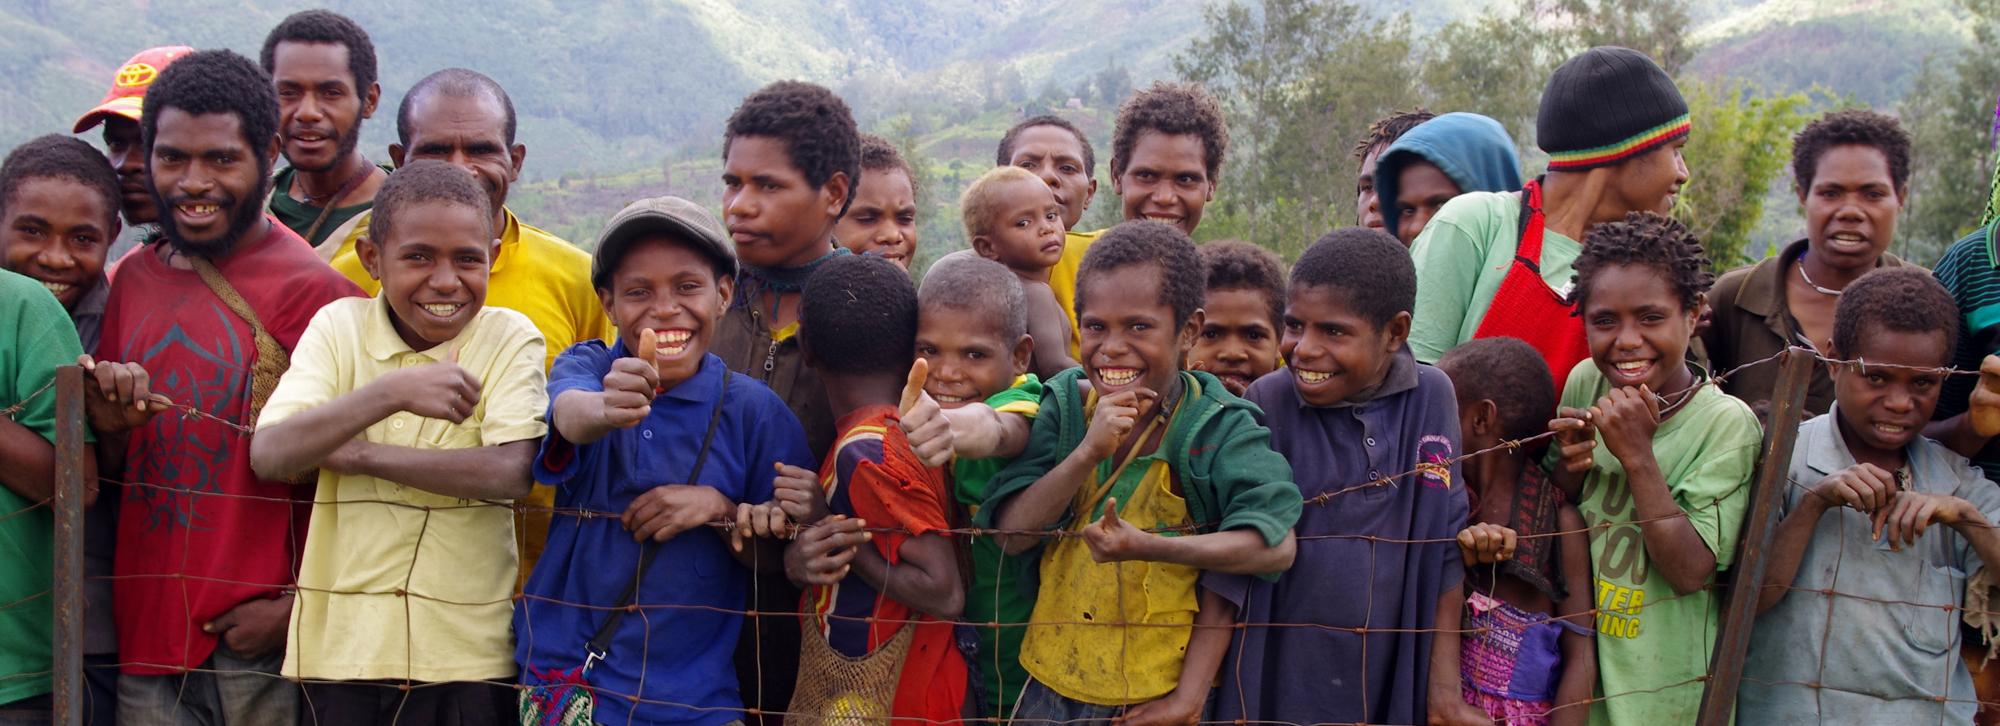 Kinder Sengapi